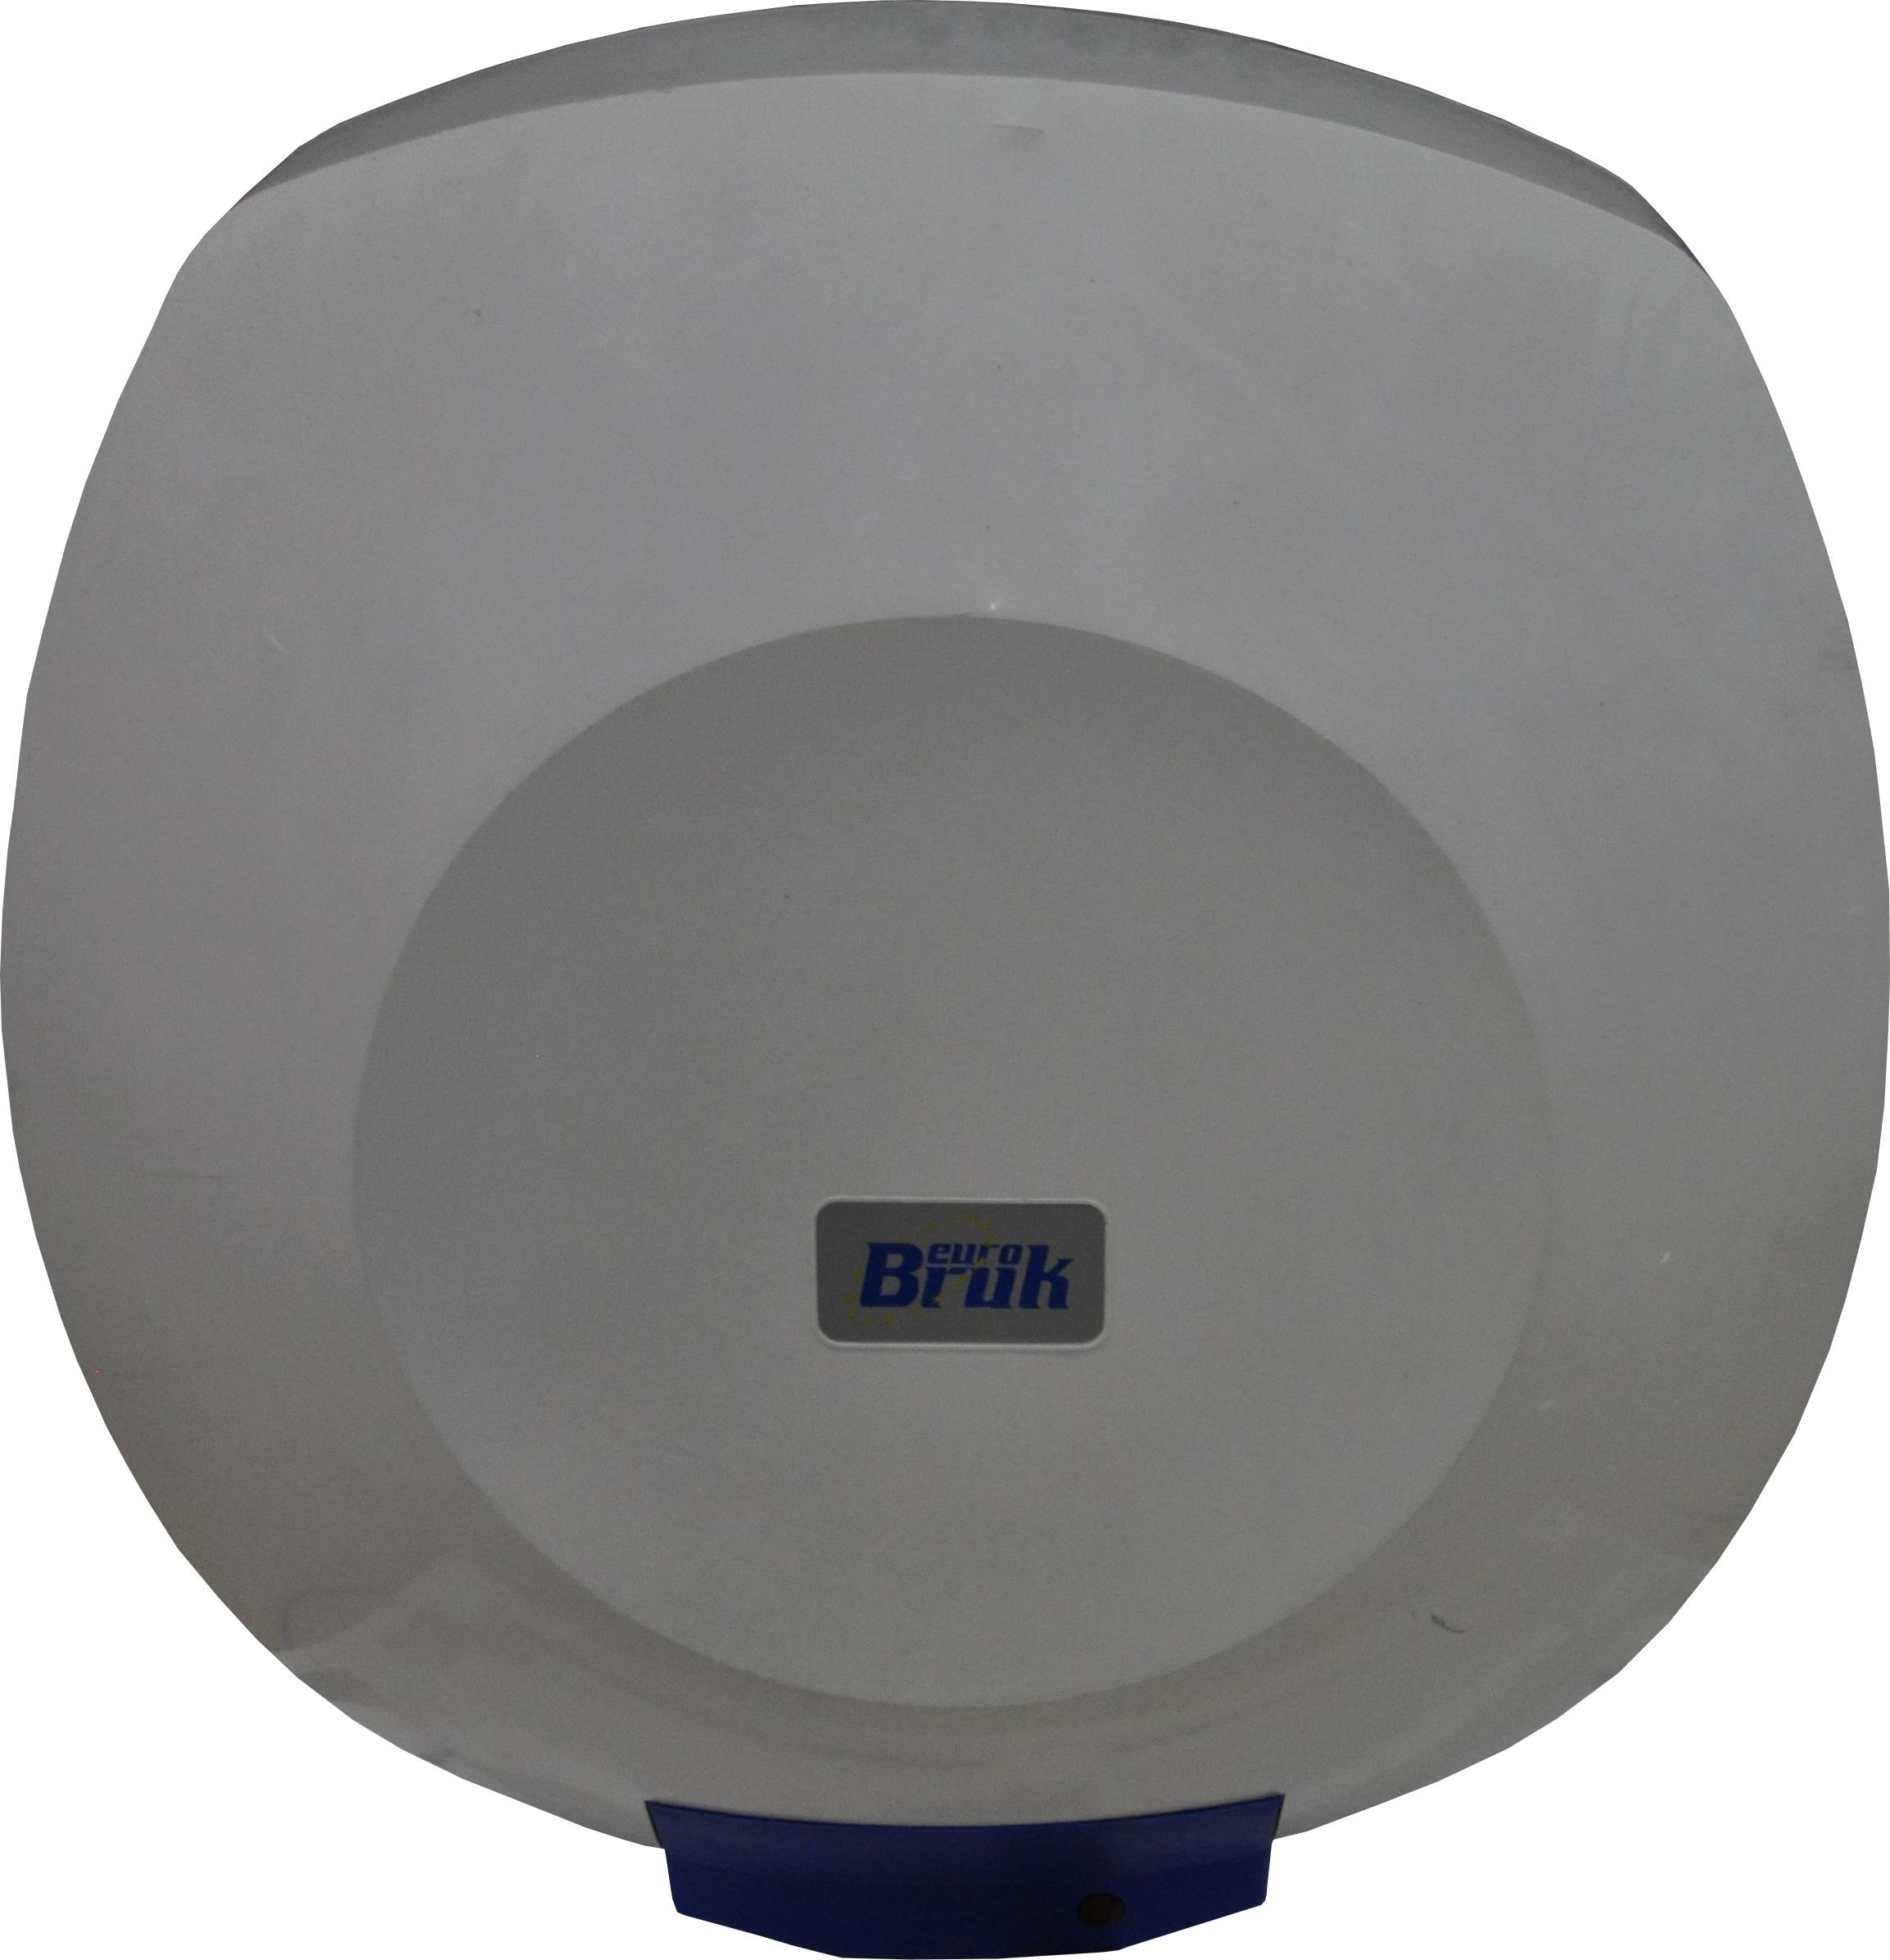 Boilere43938